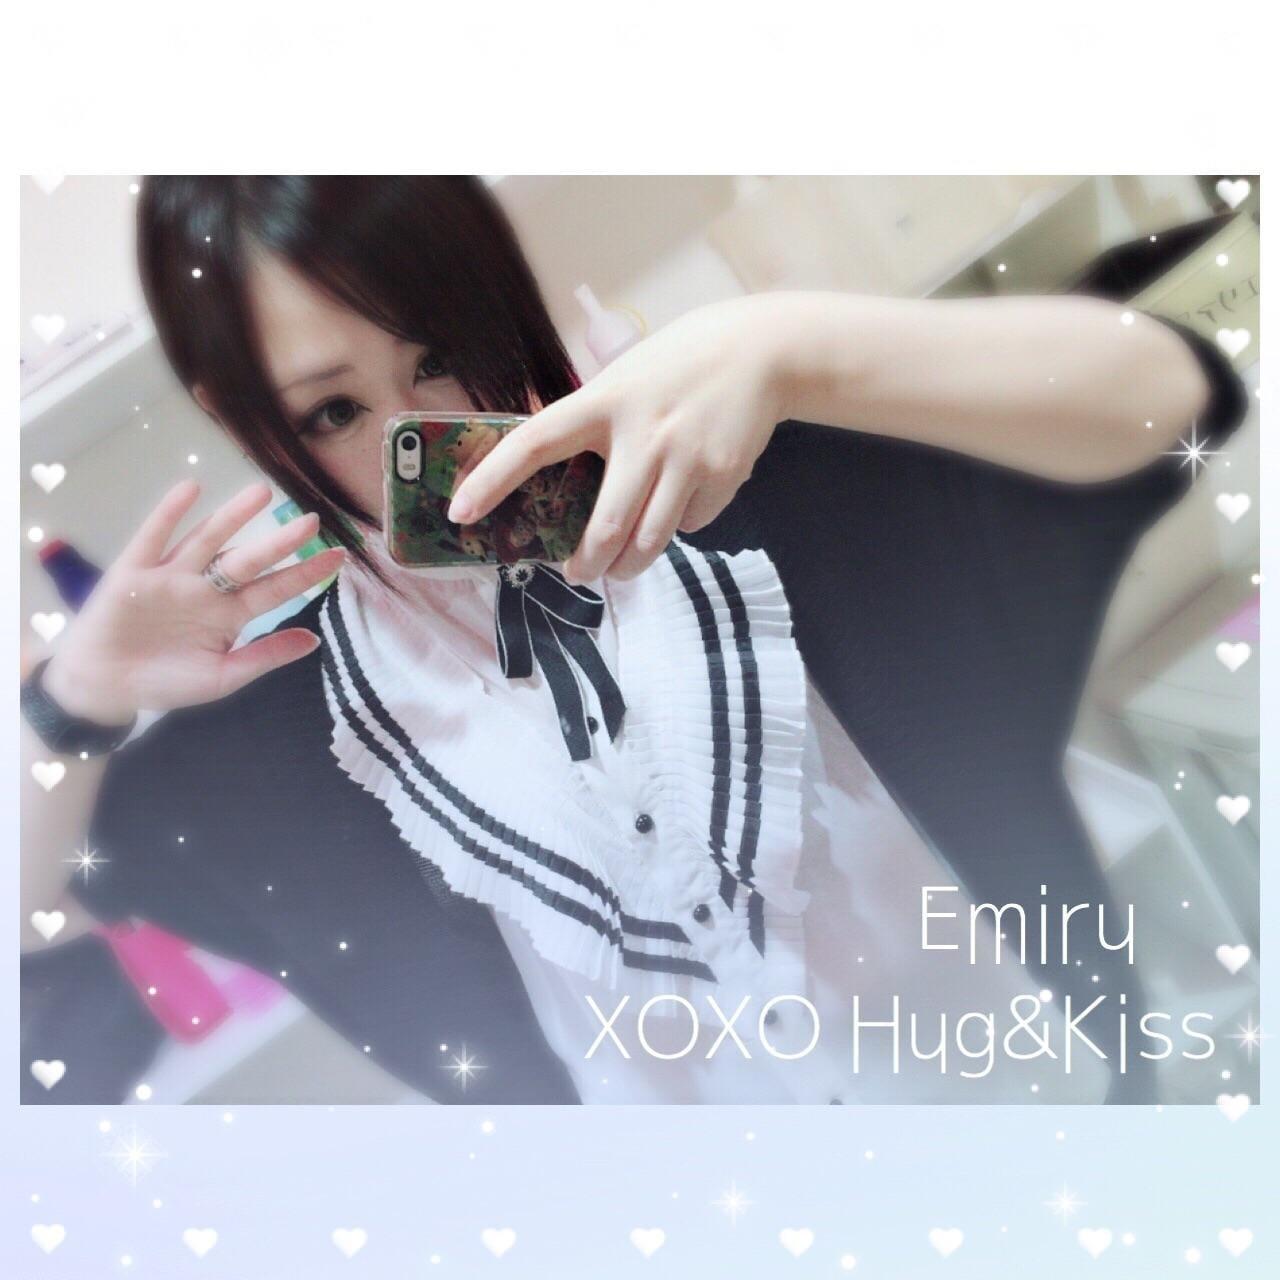 「えみゅ( ?????? )」07/06(金) 18:56 | Emiru エミルの写メ・風俗動画